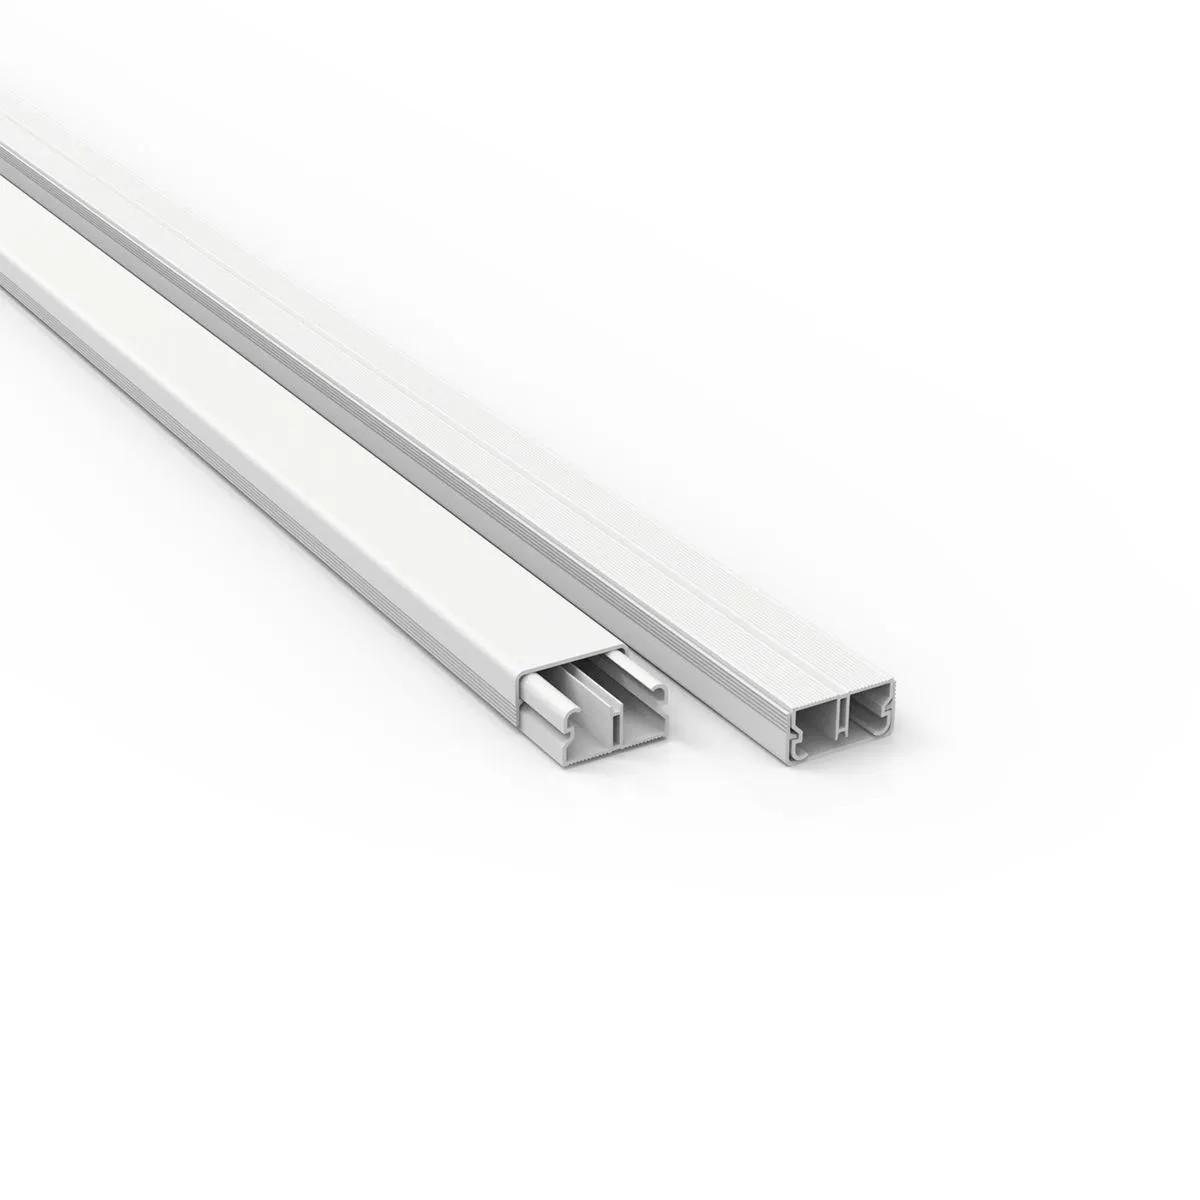 Canaleta PVC Com Fita Dupla Face 2 Metros